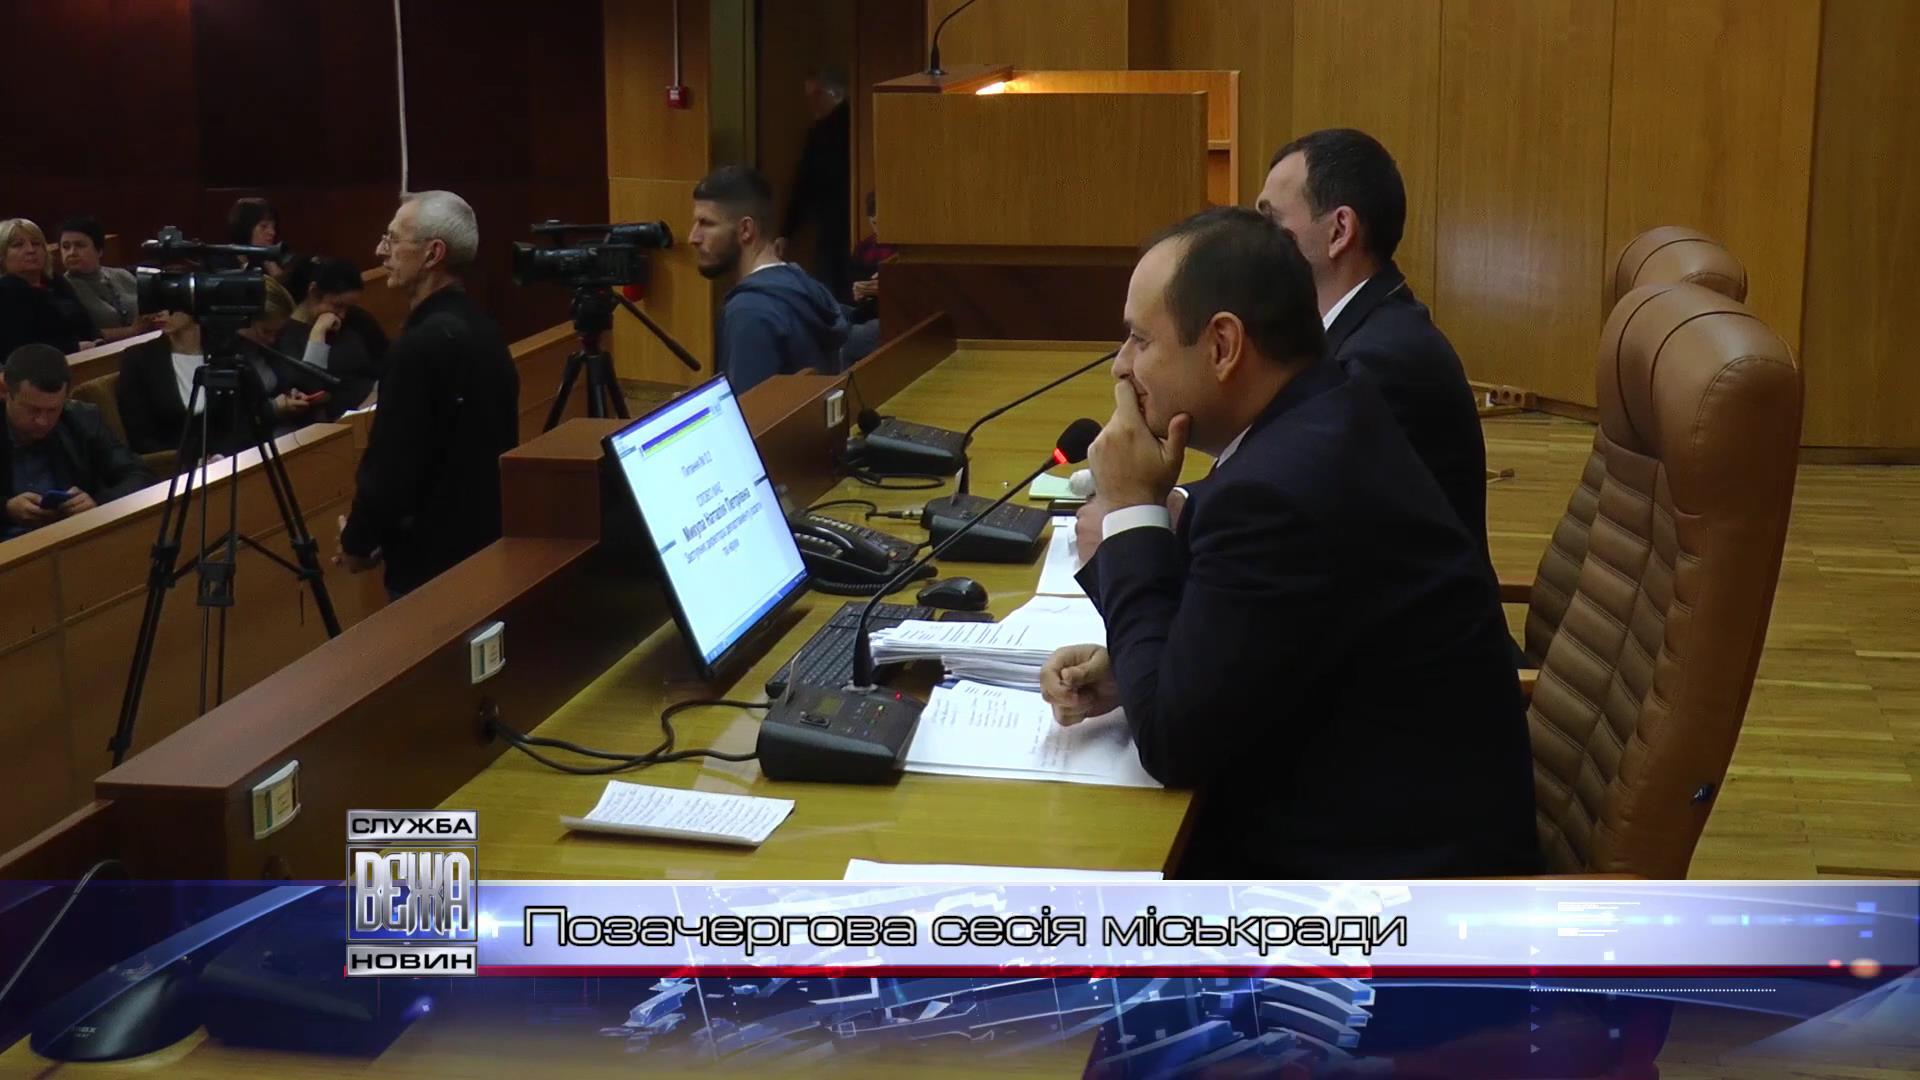 Івано-франківська міська рада на позачерговій сесії торкнулася низки соціально-побутових проблем[18-39-21]